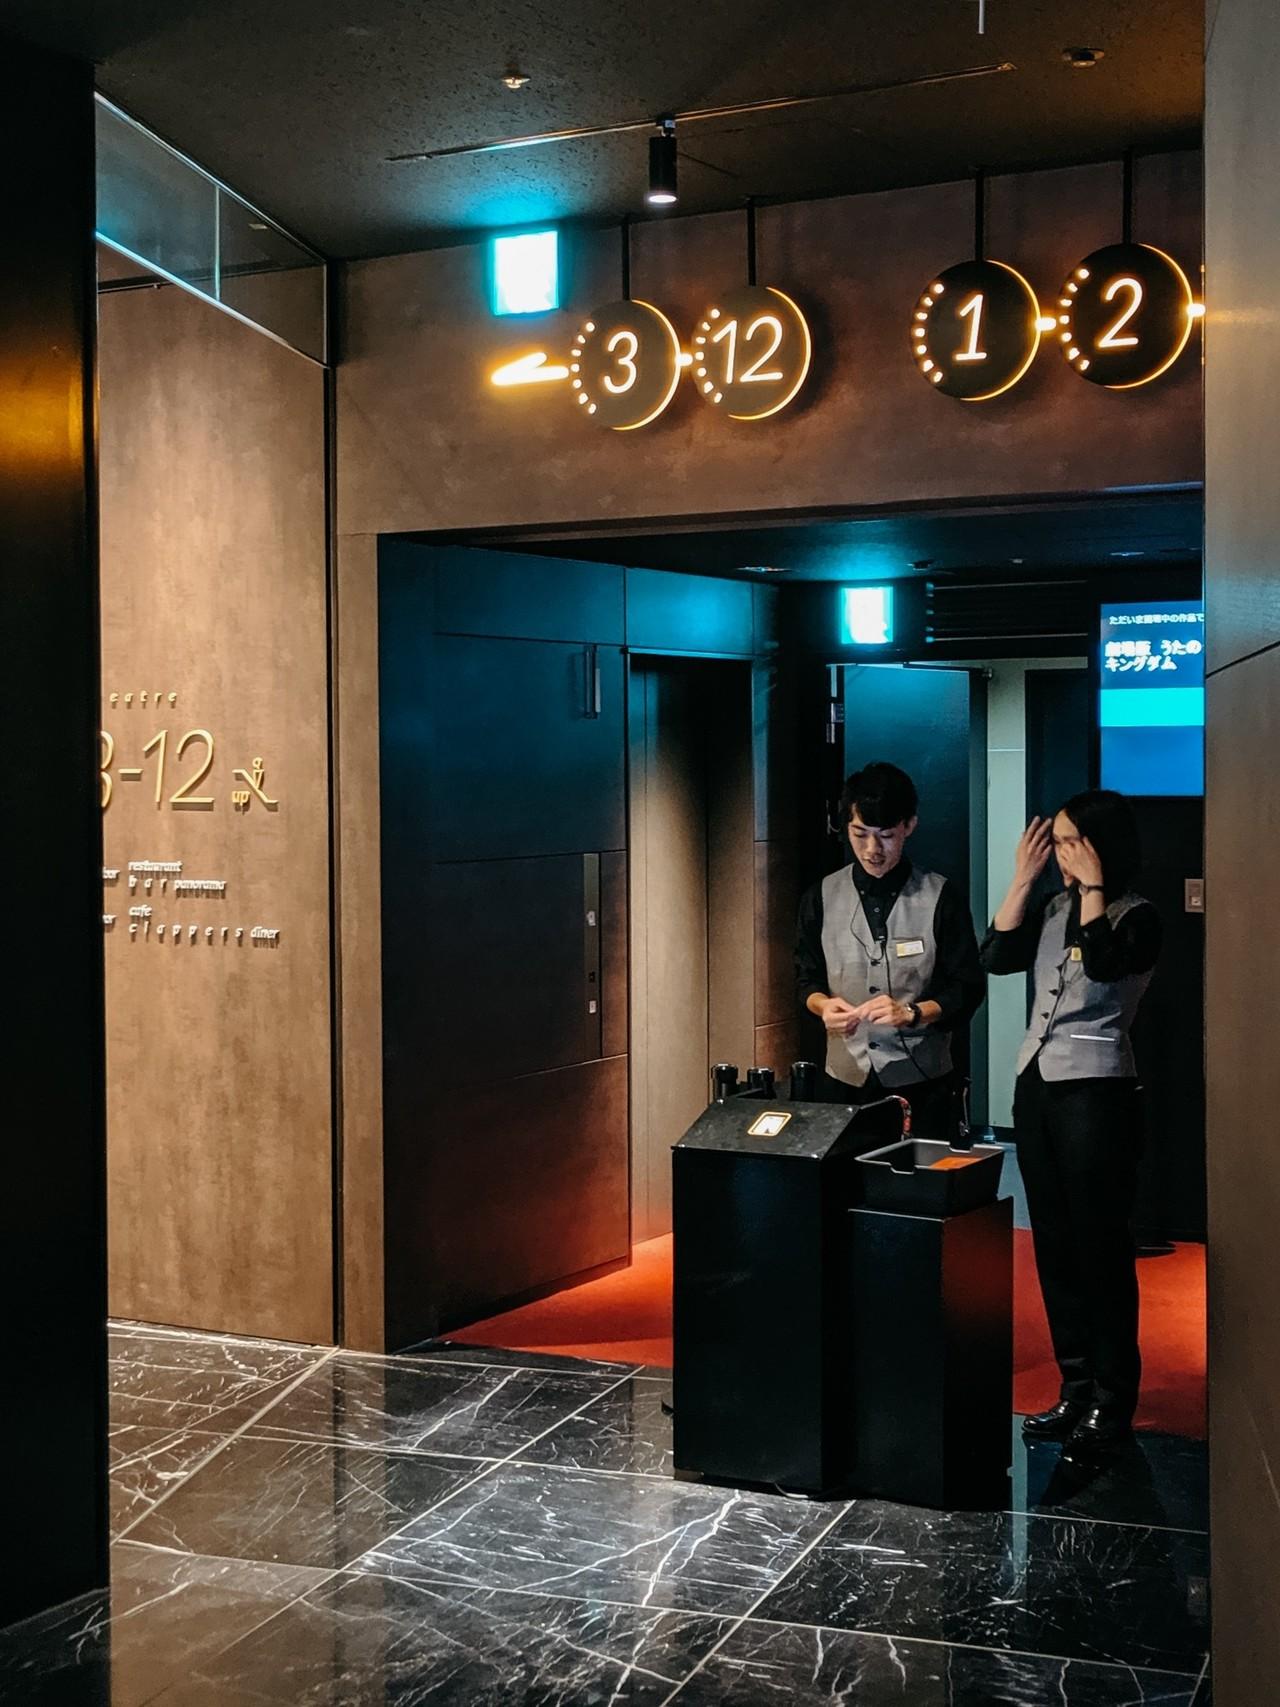 これから行く人へ 日本最大のimaxシアター グランドシネマサンシャインを訪れた感想 横田裕市 写真家